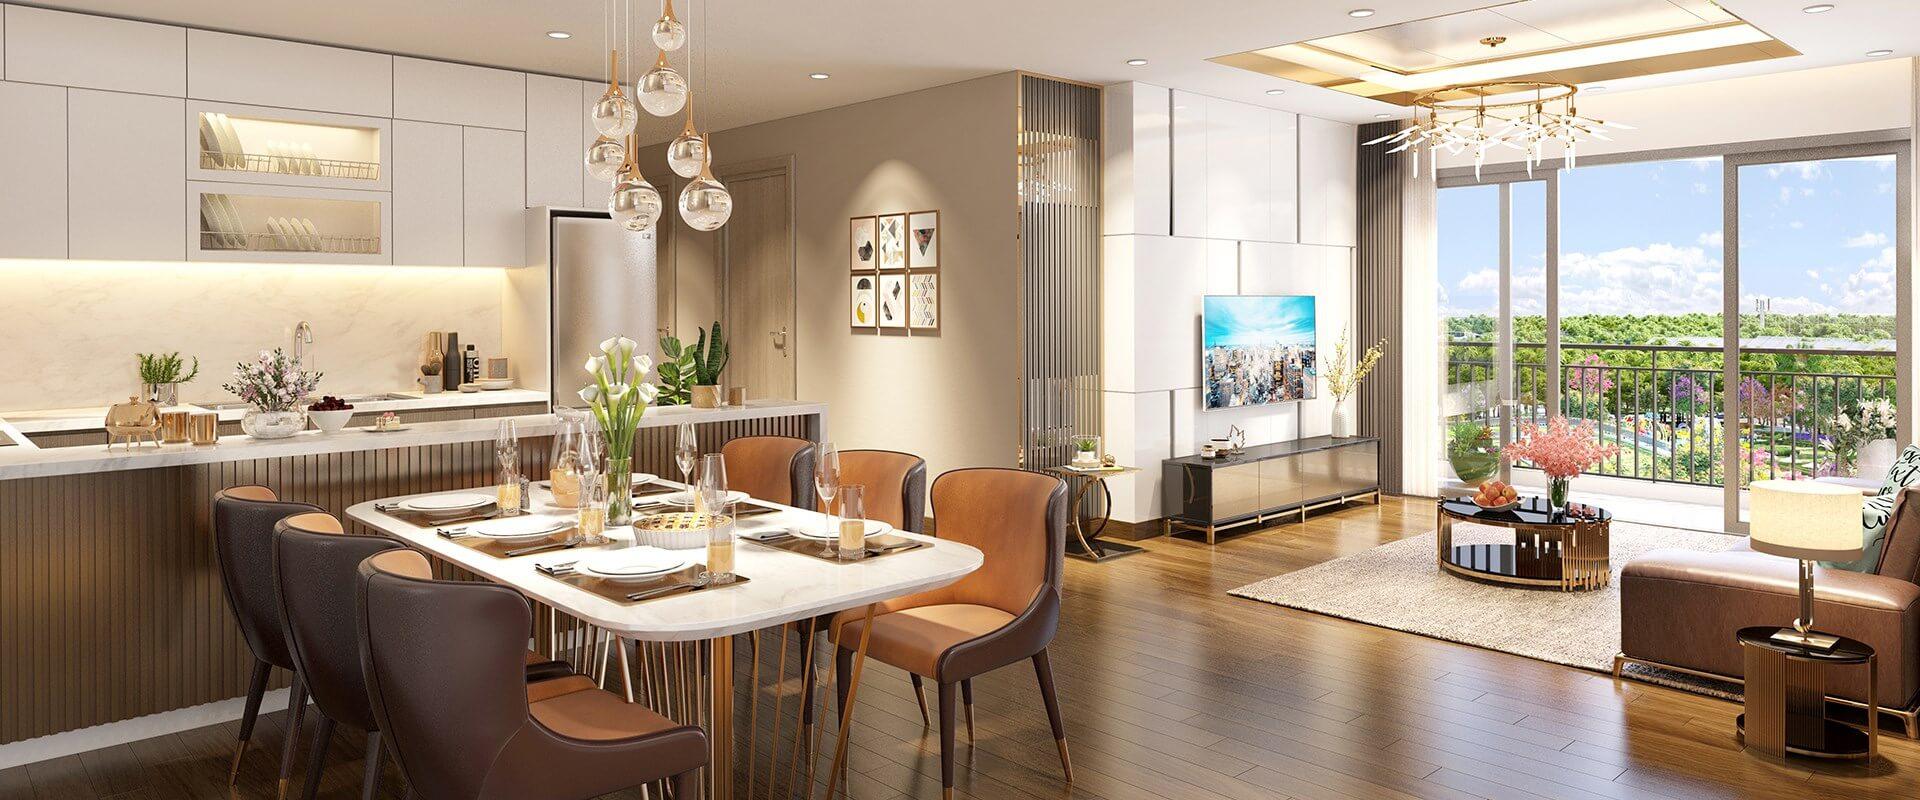 Phối cảnh 3D căn hộ 3 phòng ngủ đẹp lung linh tại dự án Eco-Green Saigon